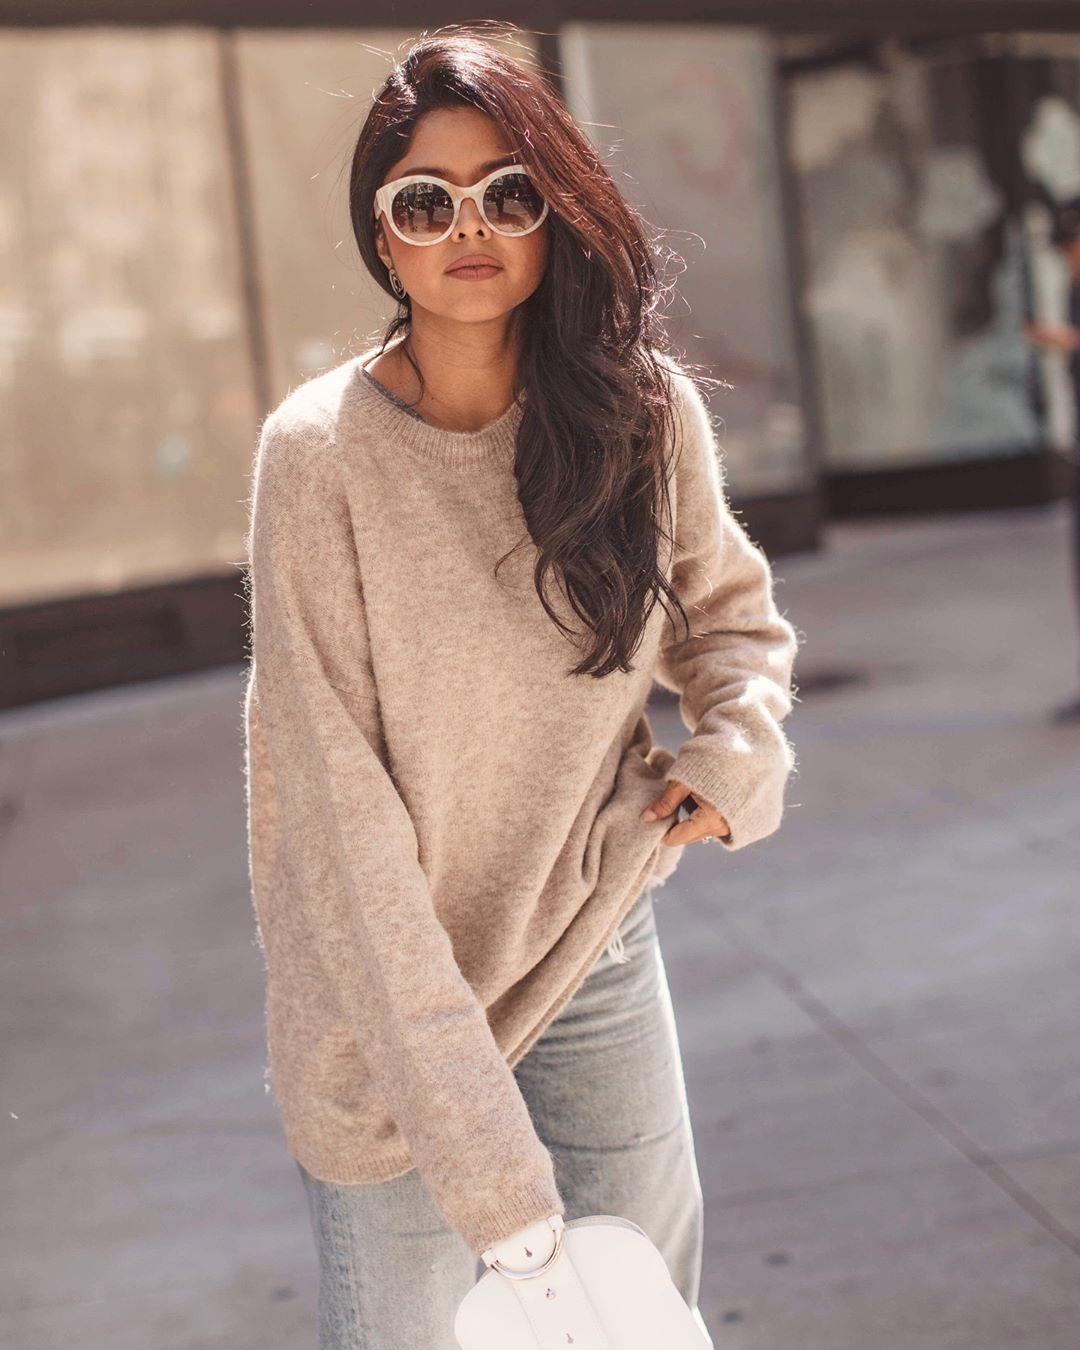 с чем носить свитер осенью 2019 фото 23